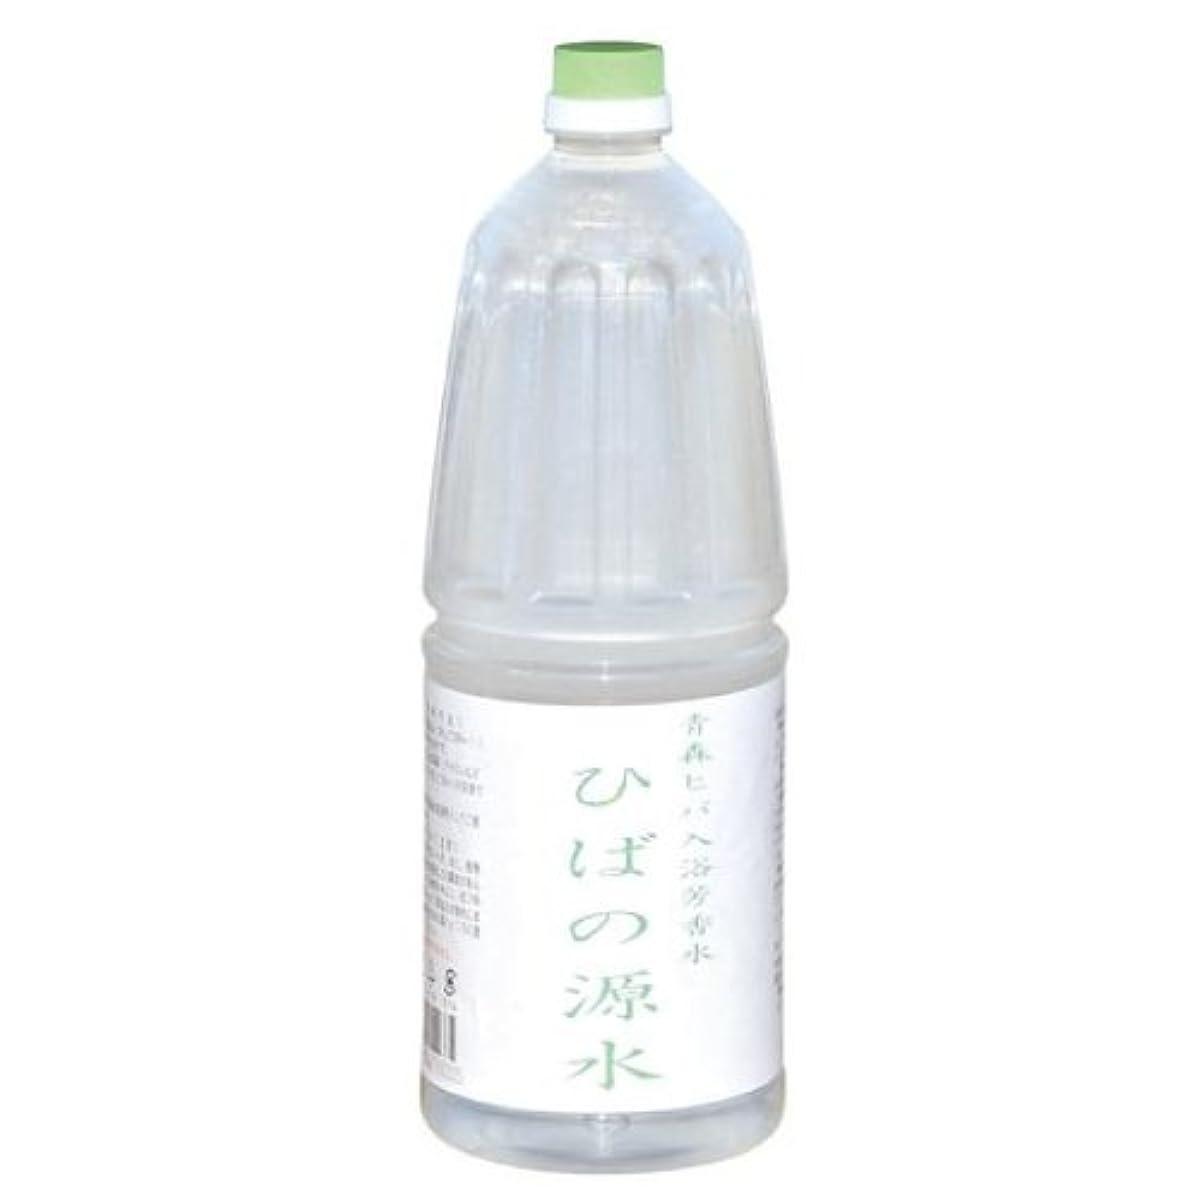 高度なシーフード勝利した青森ひば蒸留水 ひばの源水1800ml